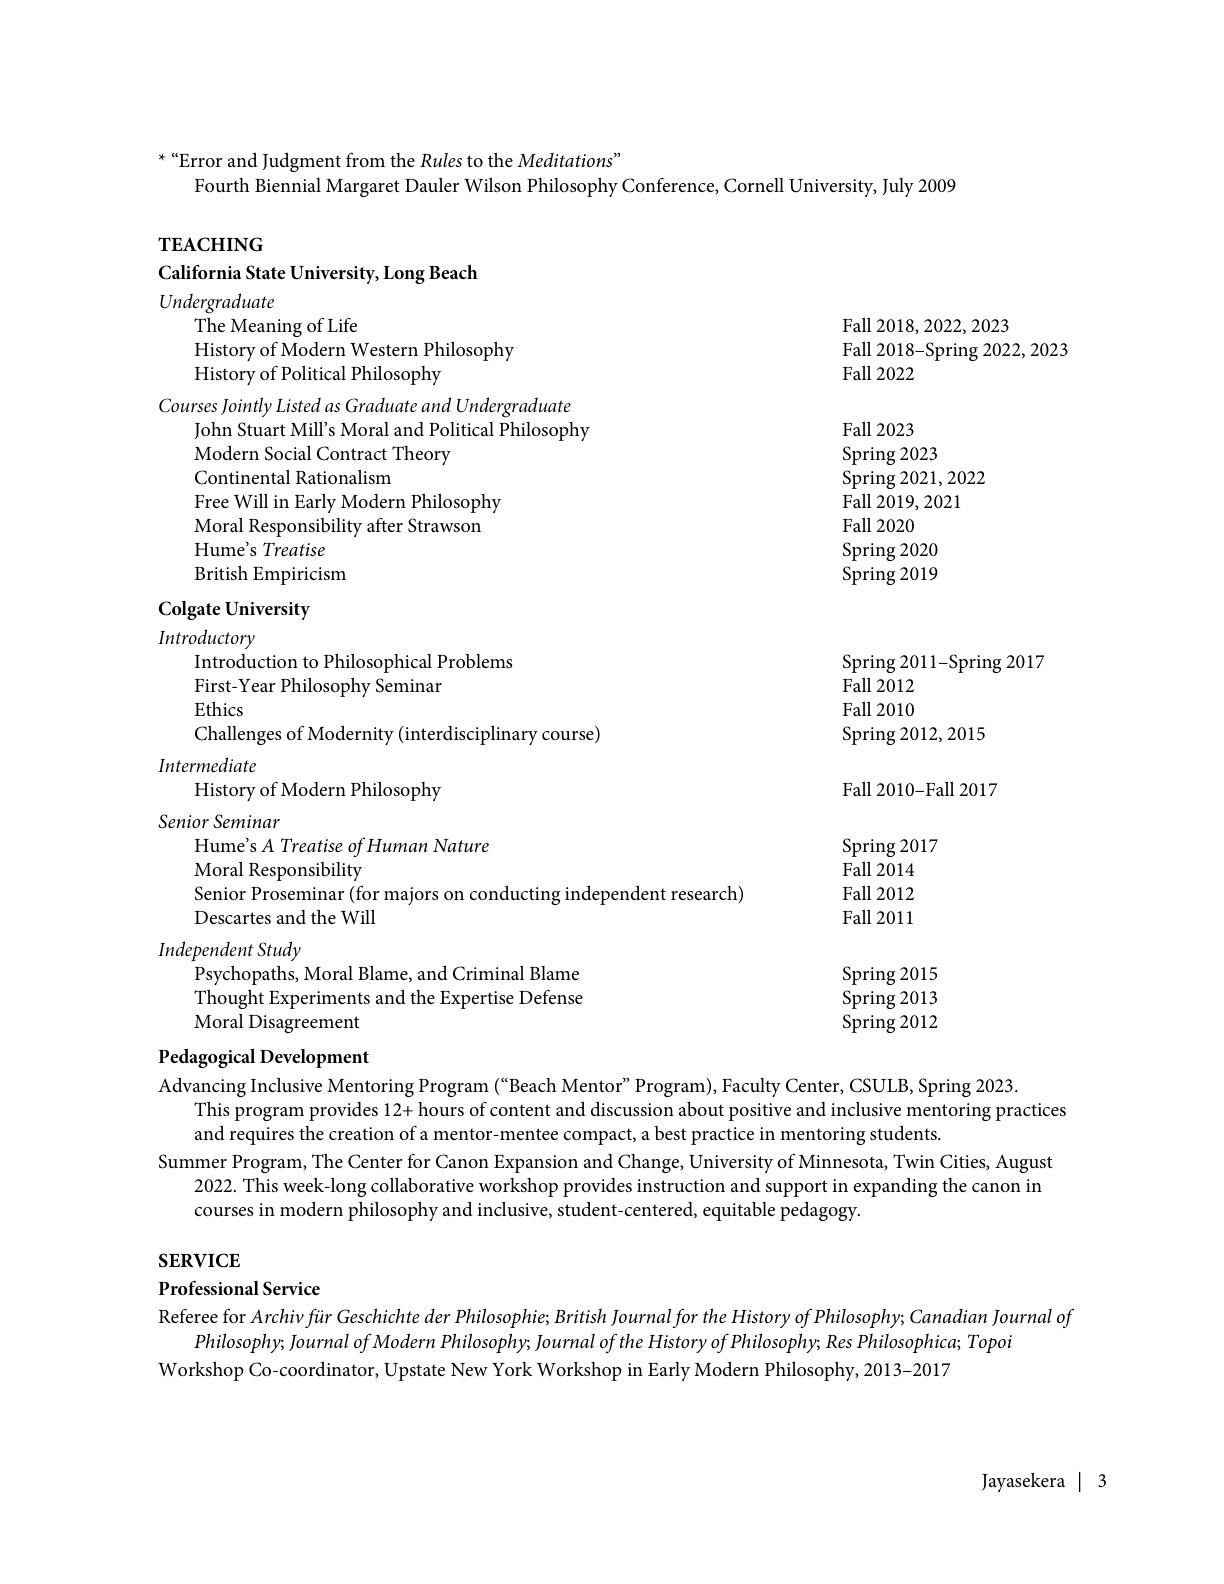 Marie Jayasekera CV page 3 of 4